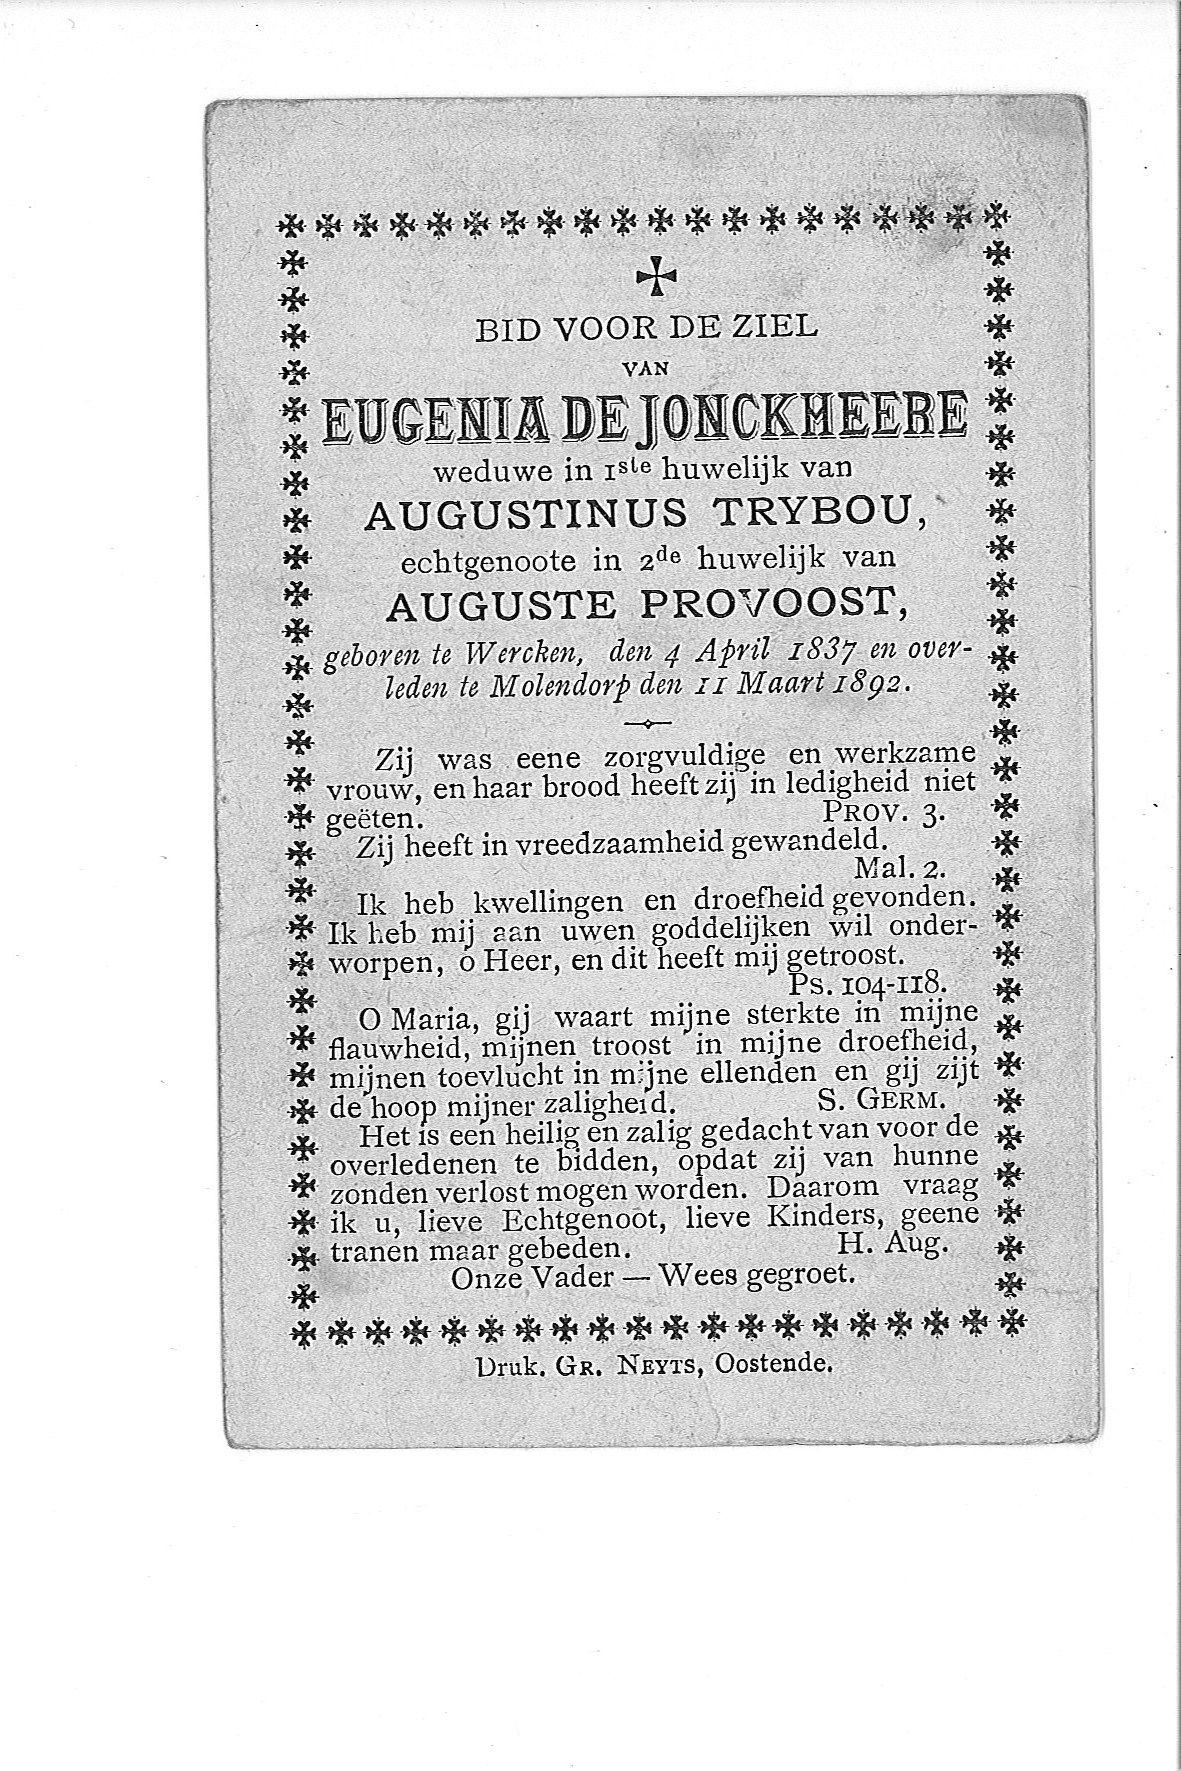 eugenia(1892)20081105143824_00028.jpg